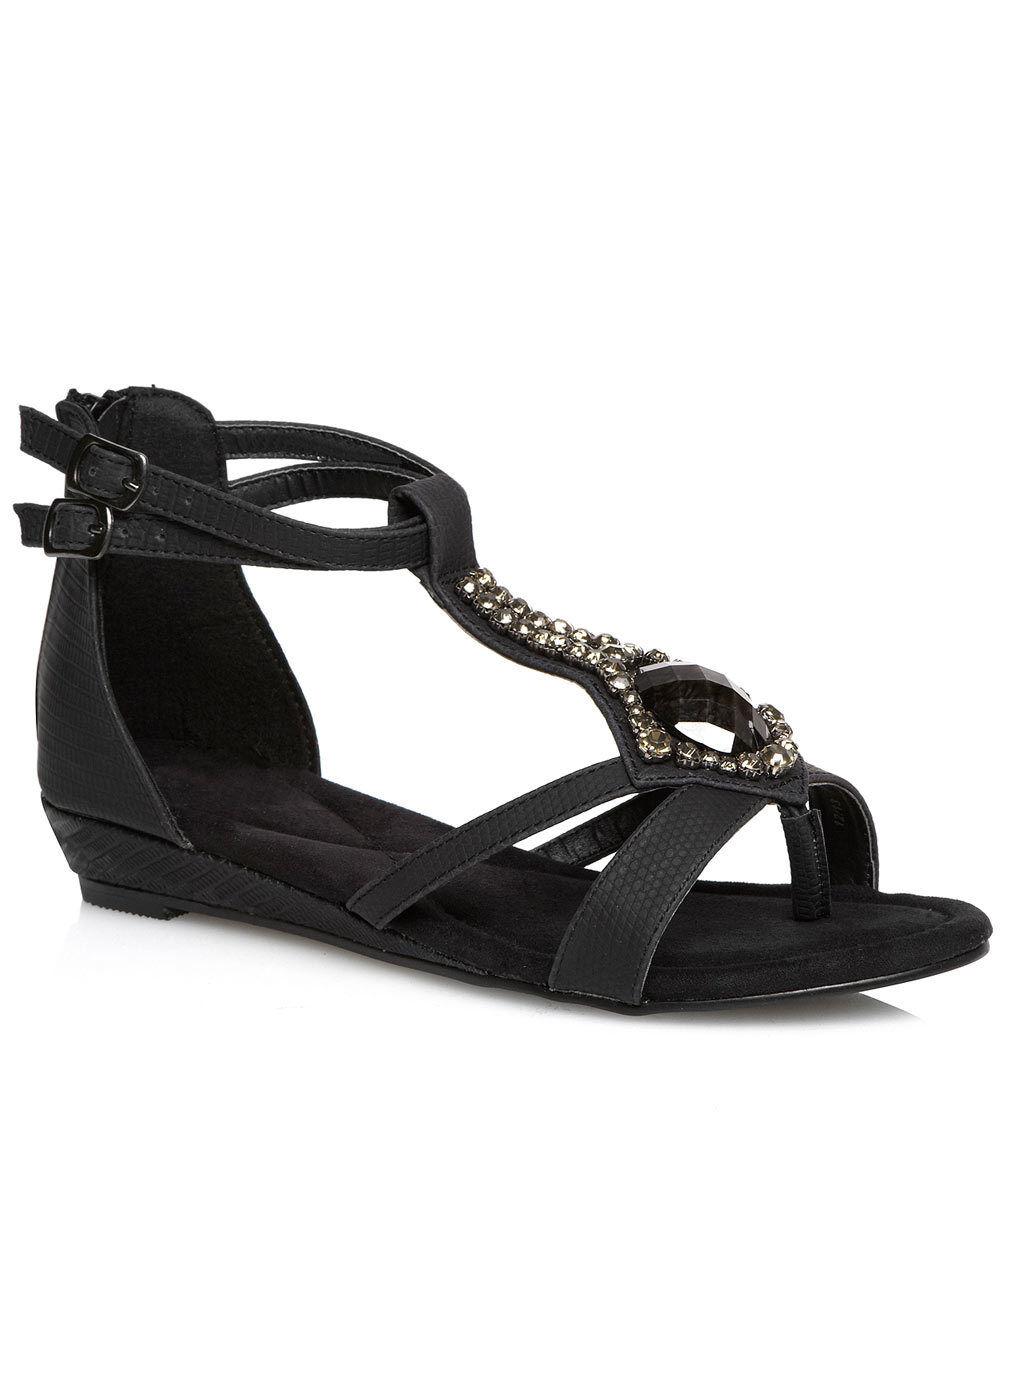 Sandalen Gr.41 Schwarz Strass Damen Weite G extra Weit Schuhe Zehentrenner Pumps